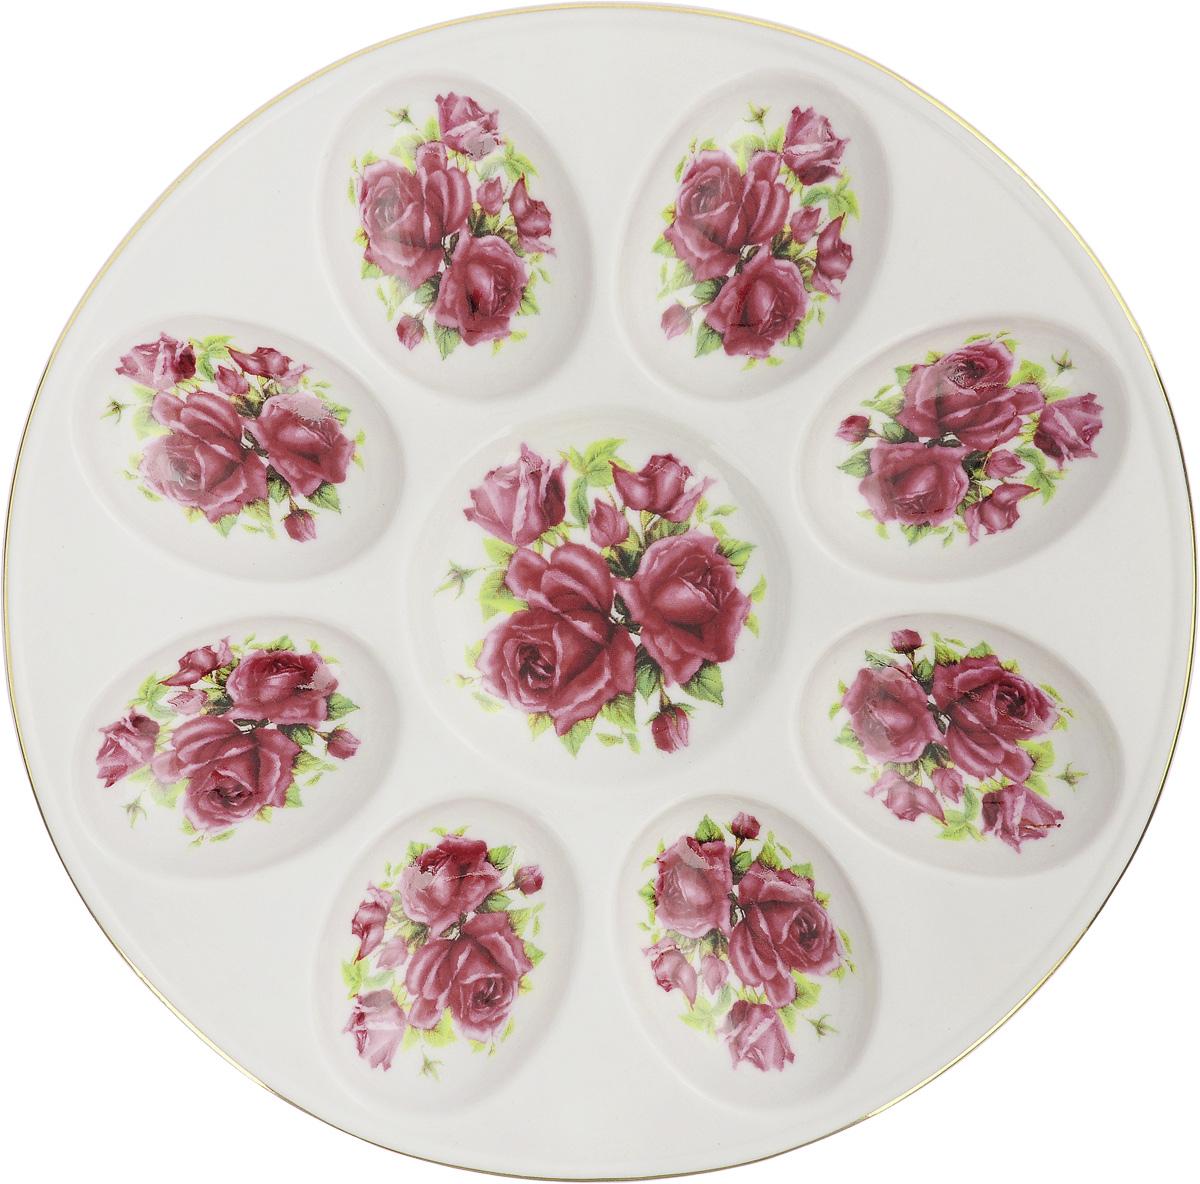 Тарелка для фаршированных яиц Patricia Розы, диаметр 20 см54 009312Тарелка для фаршированных яиц Patricia Розы, изготовленная из высококачественного фарфора, украсит ваш праздничный или обеденной стол. На изделии имеются специальные углубления для 8 яиц, а также 1 углубление для соуса, соли или специй. Изделие оформлено ярким изображением цветов и декорировано золотистой каймой.Такая тарелка украсит сервировку вашего стола и подчеркнет прекрасный вкус хозяйки. Диаметр тарелки (по верхнему краю): 20 см.